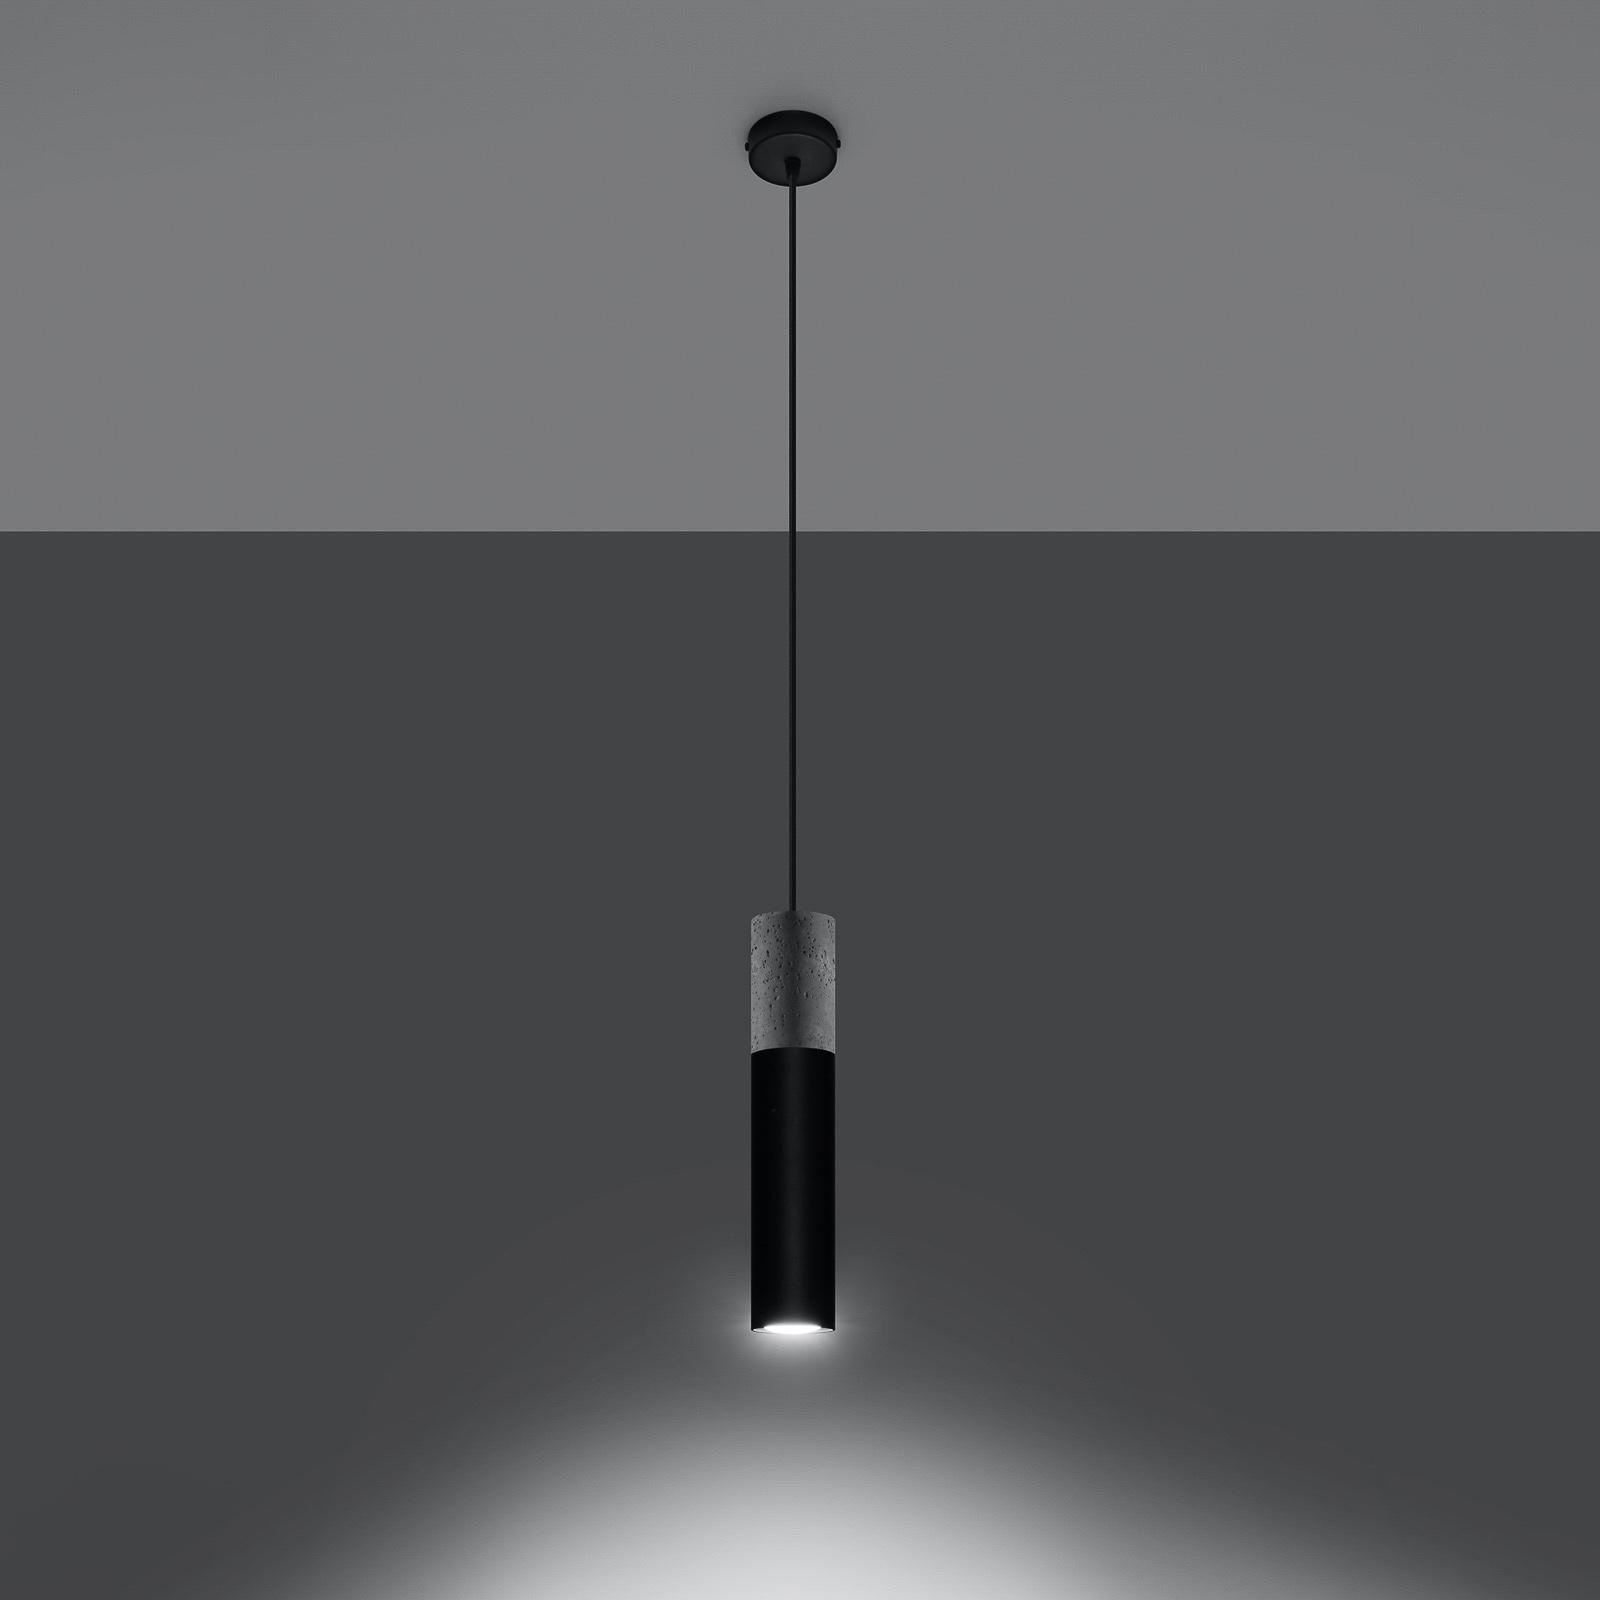 Hanglamp Tube, beton, zwart, 1-lamp